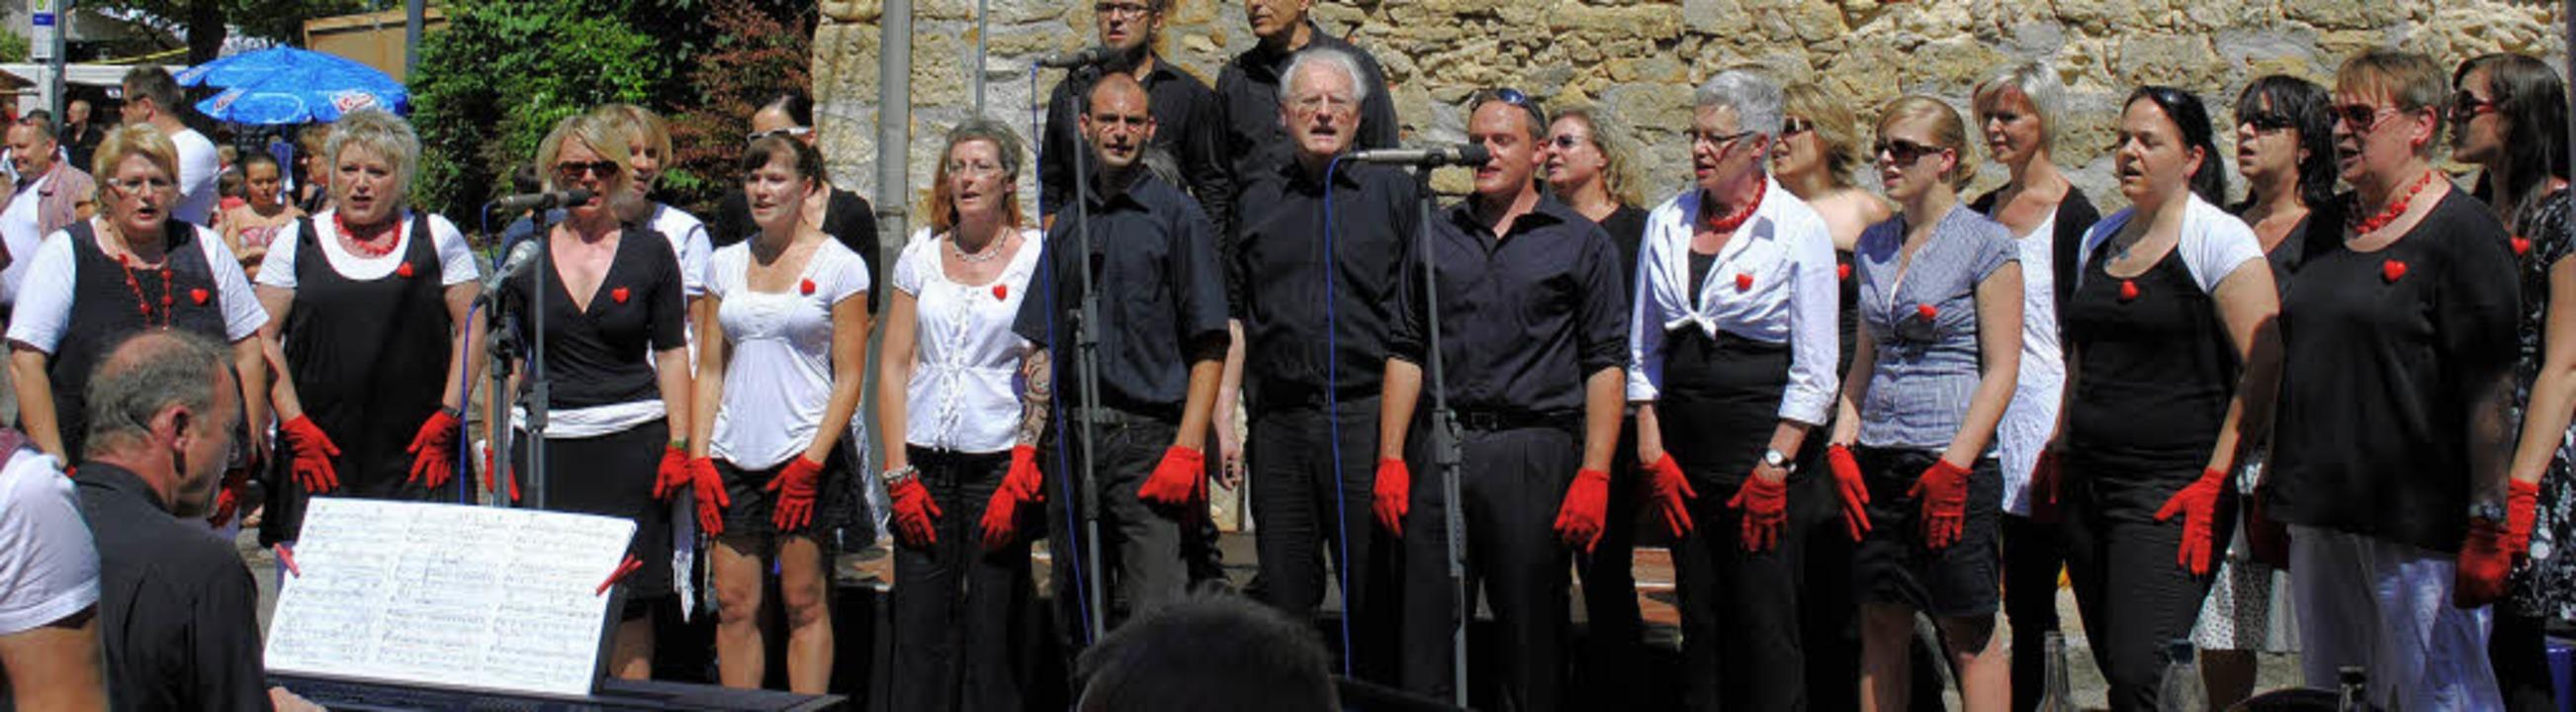 Mit einer gelungenen Premiere sang sic...n Zuhörerschar beim Binzener Dorffest.  | Foto: Reinhard Cremer